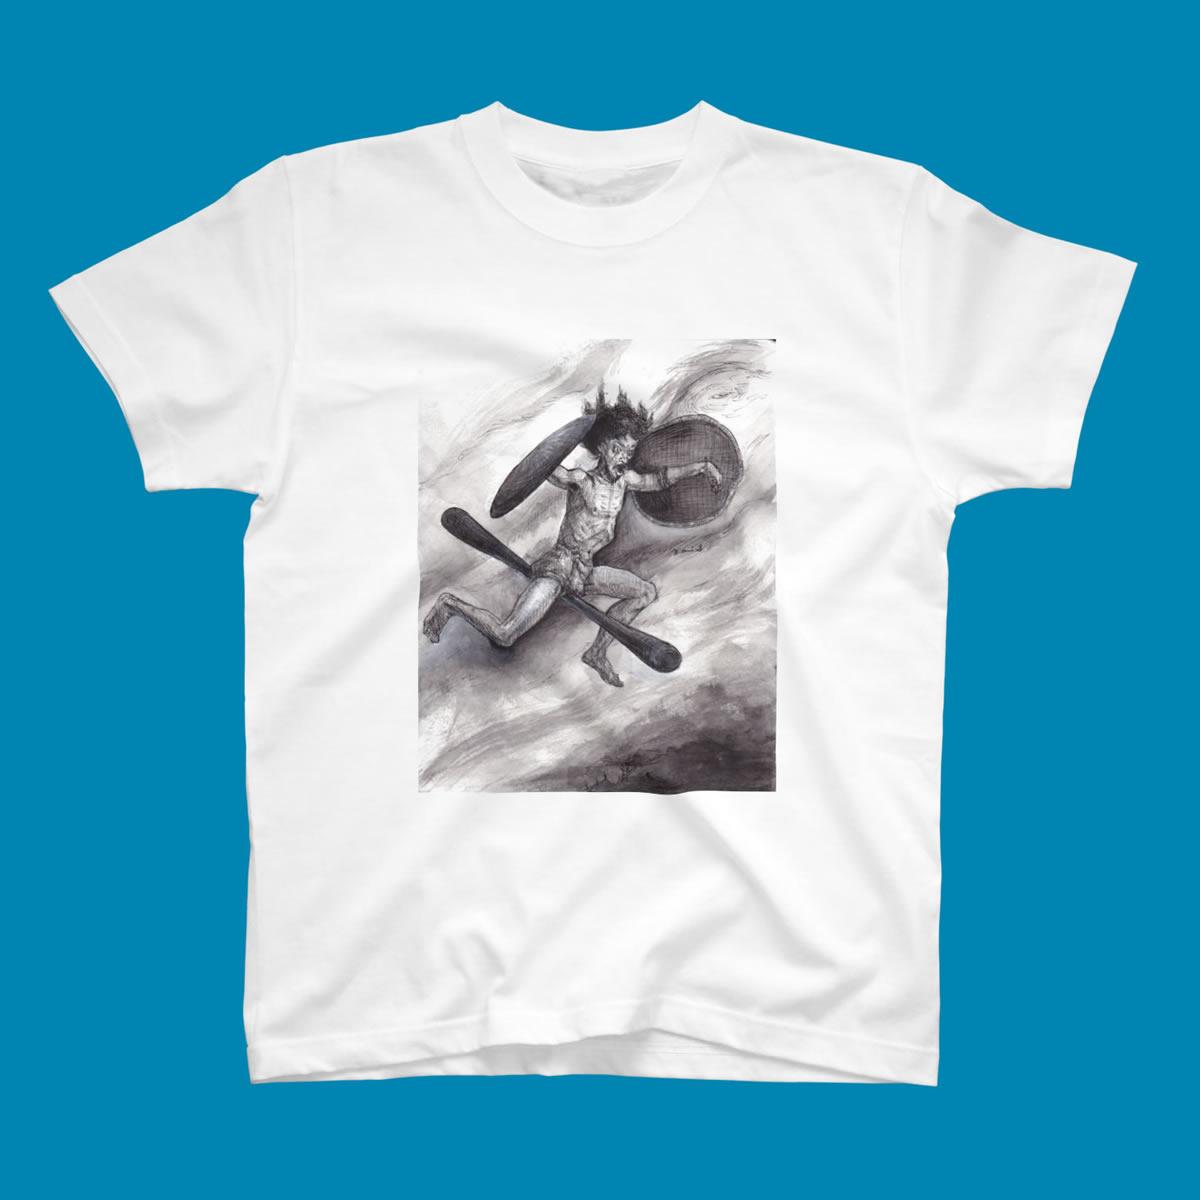 ピーガハン - ผีกระหัง Tシャツ